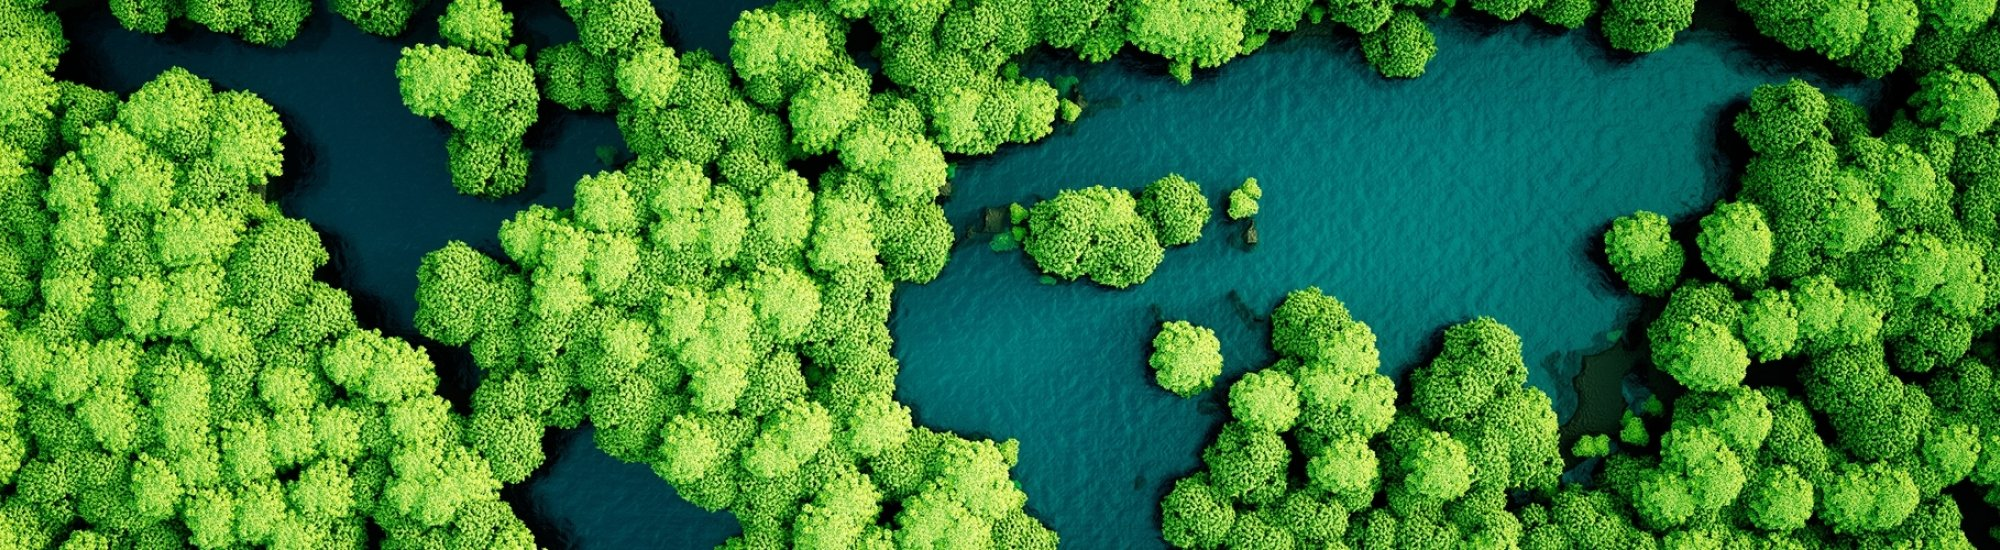 Visa sustainability case study images